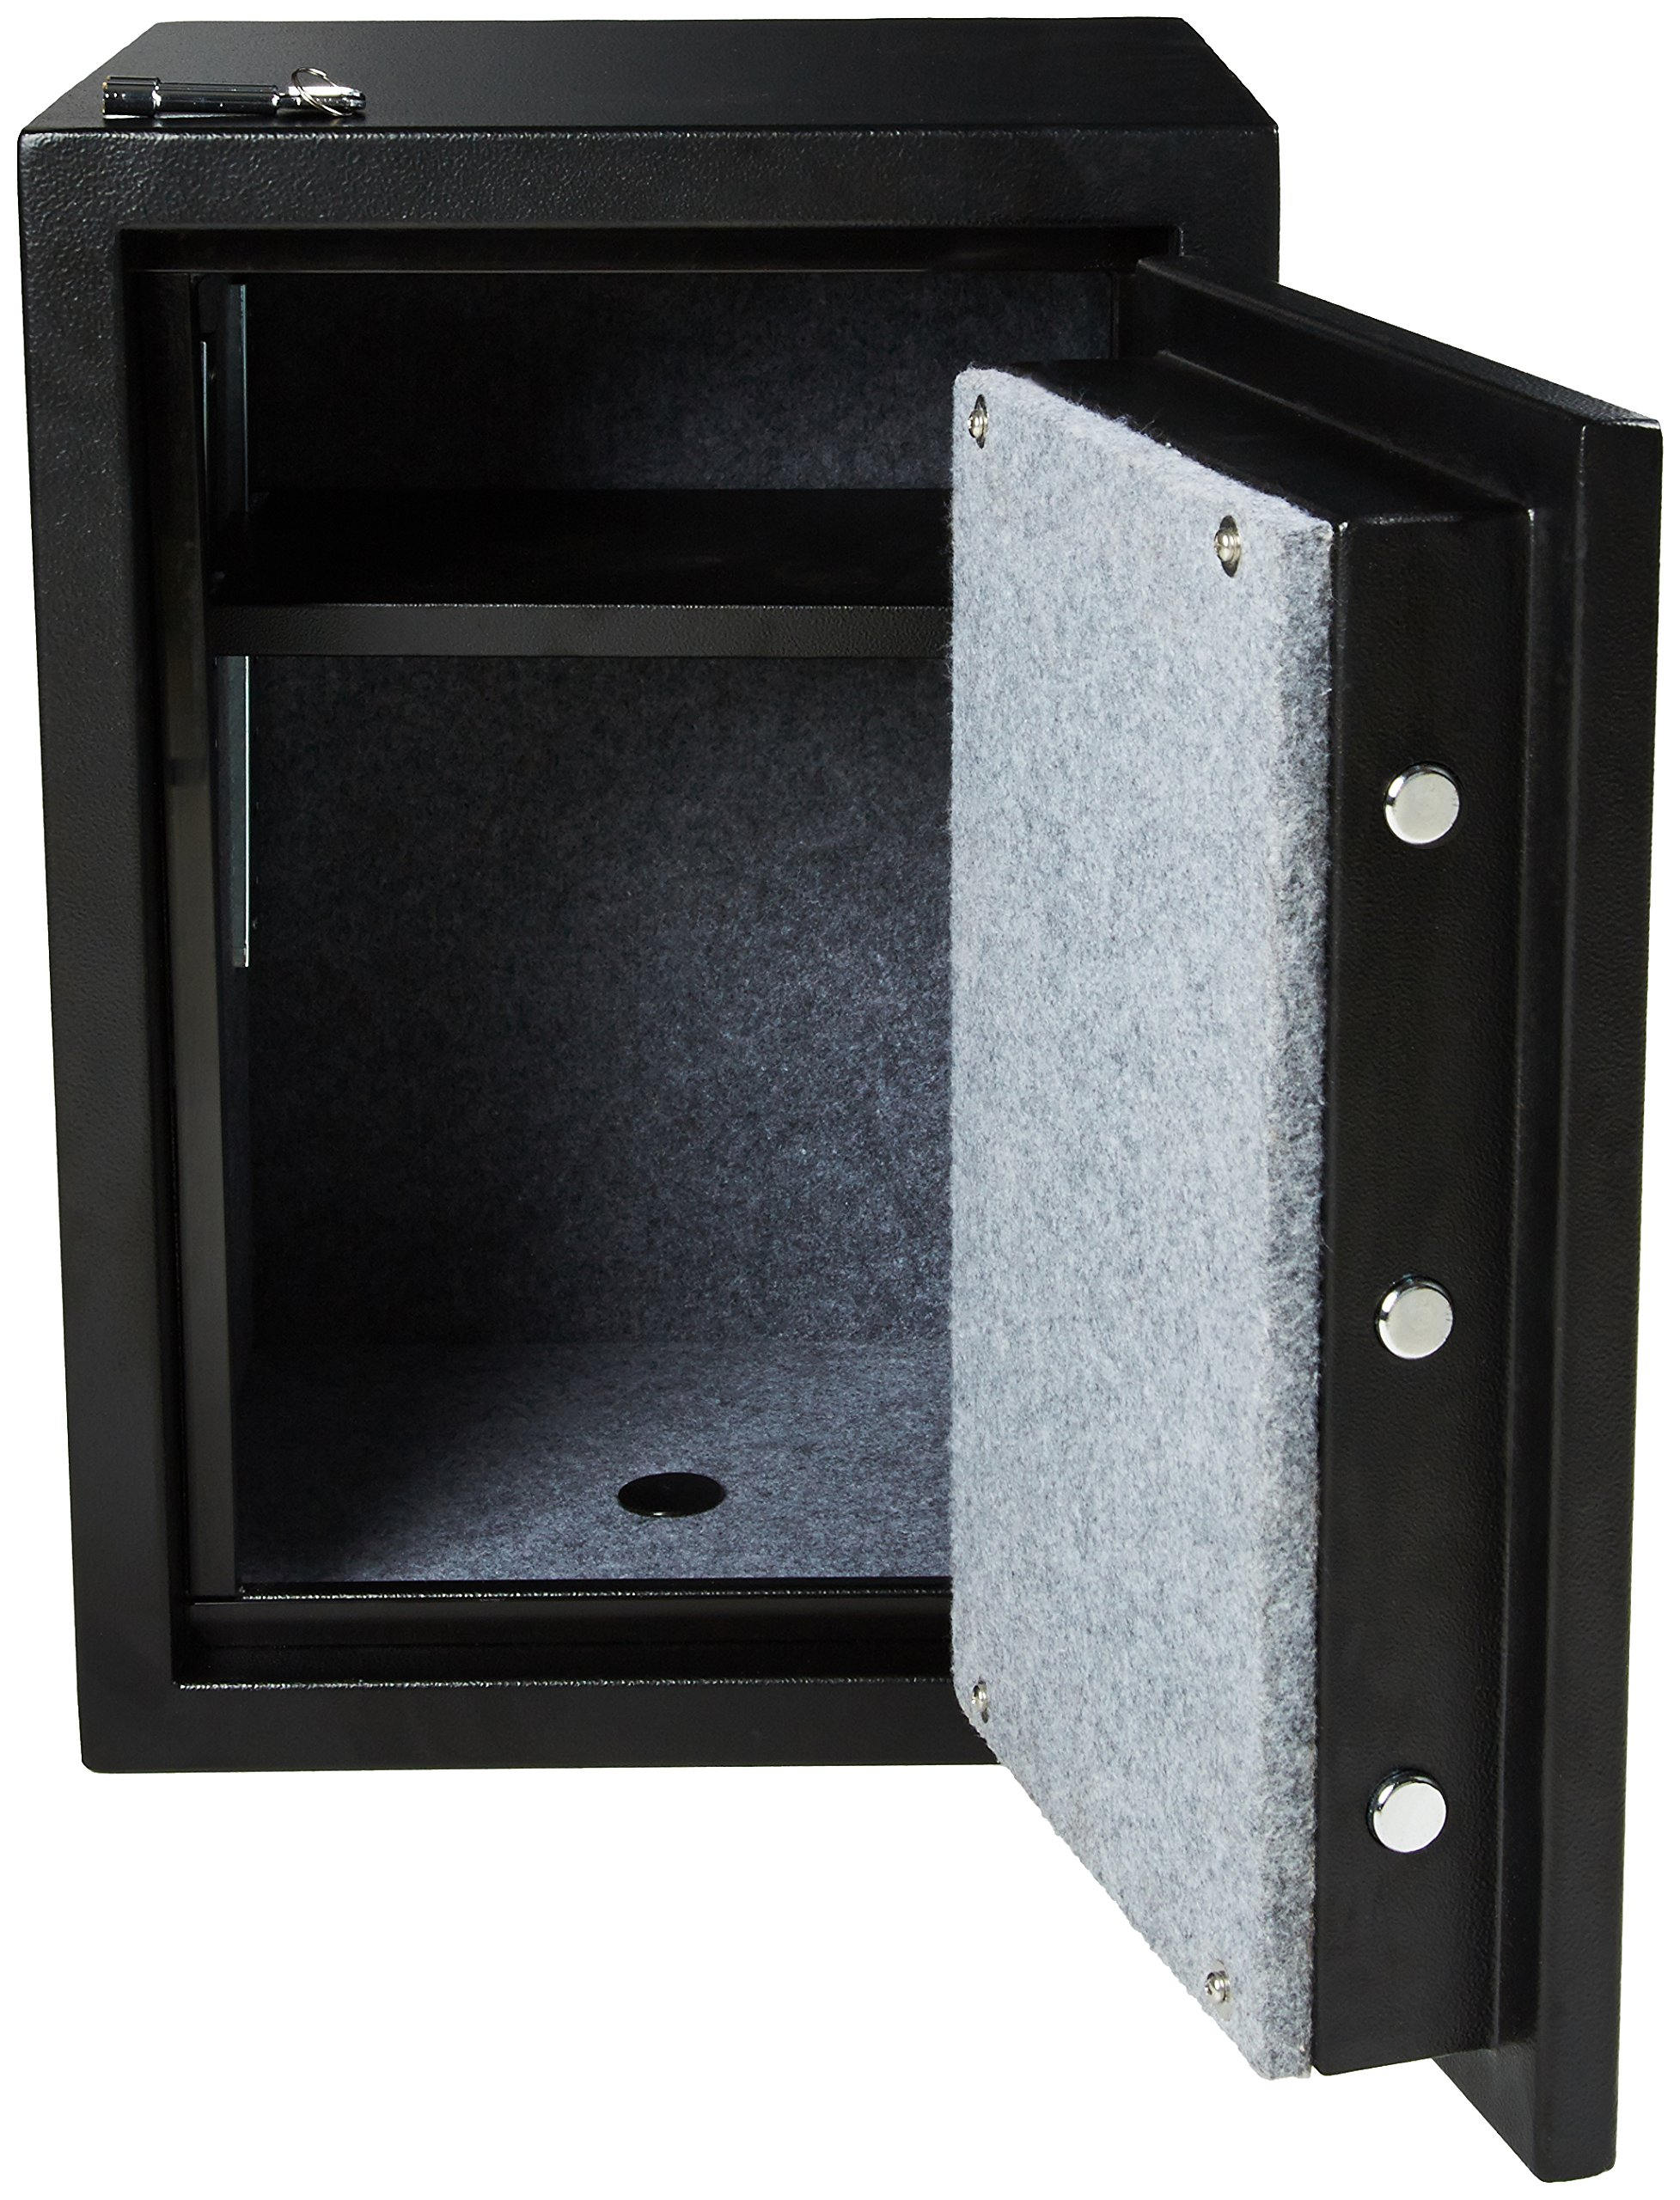 AmazonBasics - Caja fuerte ignífuga, 35 l: Amazon.es: Bricolaje y herramientas